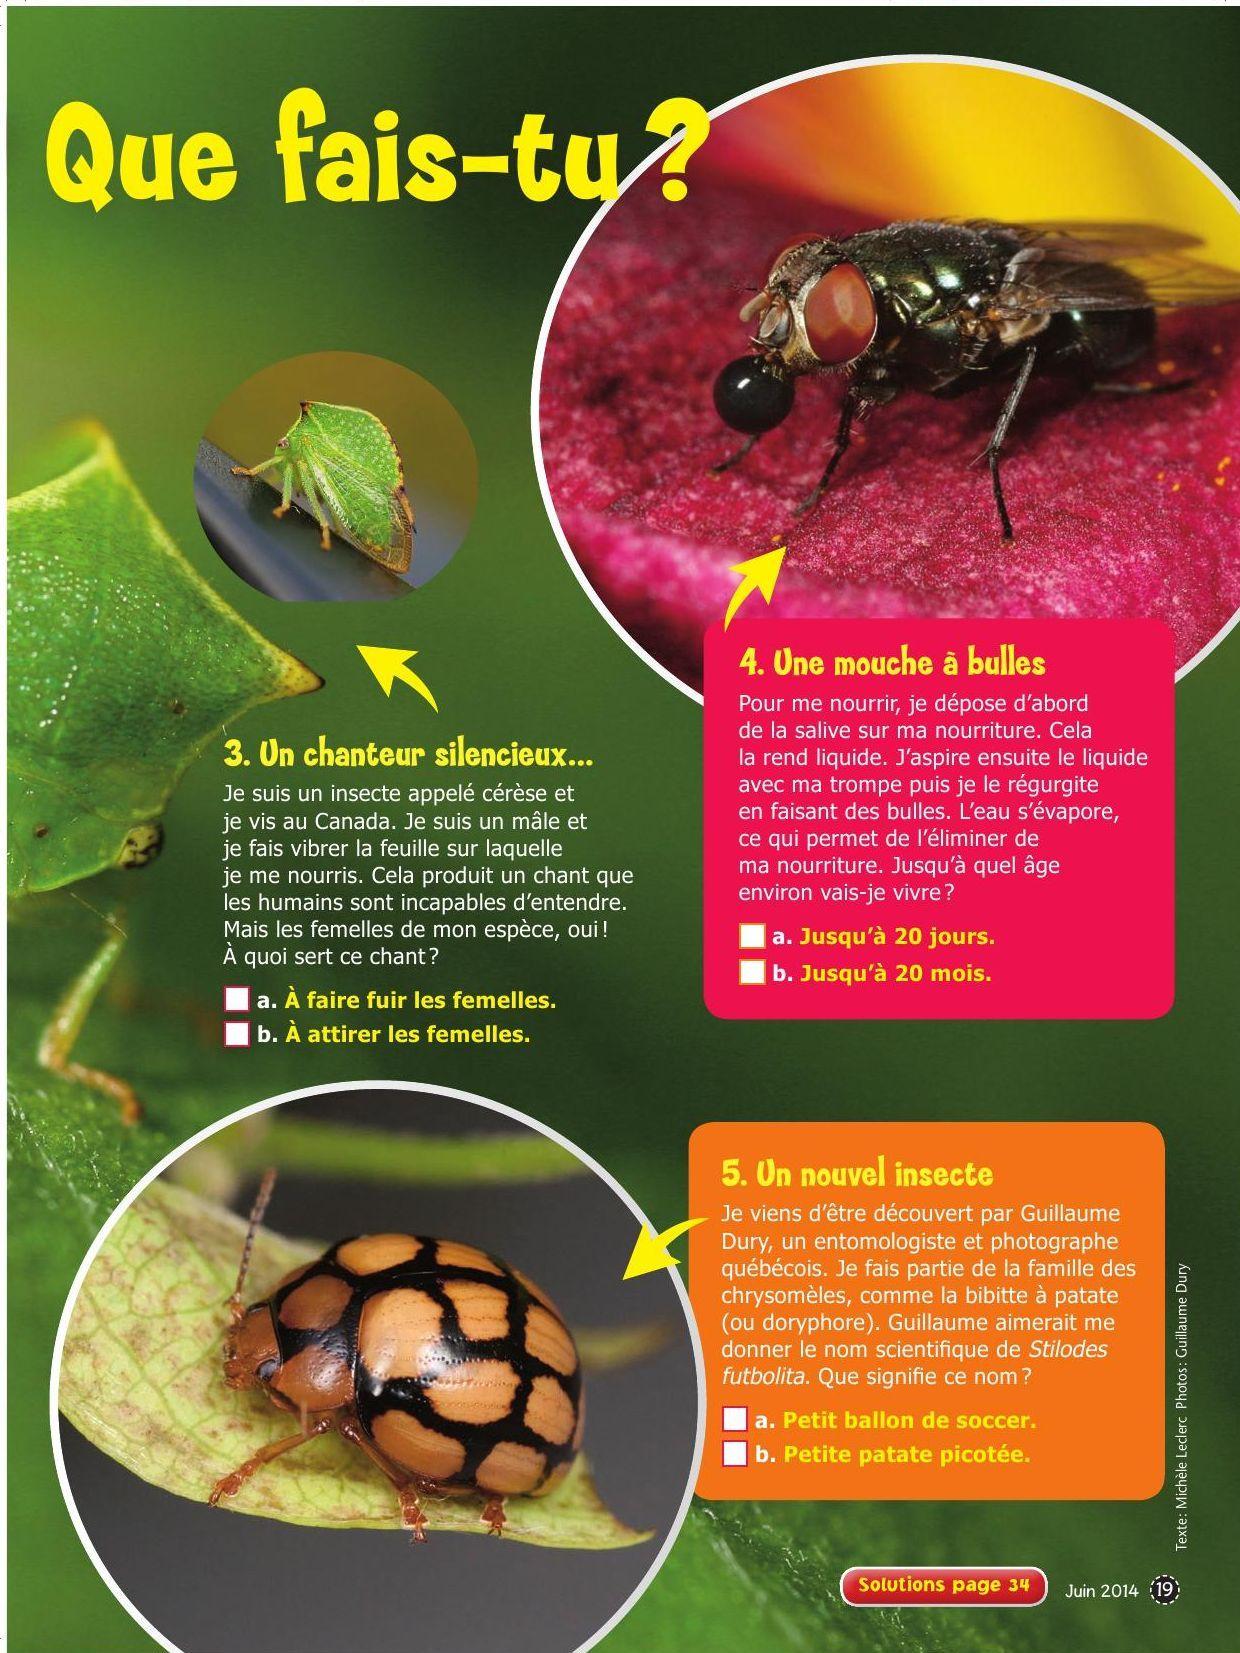 Insectes_2_EXP06_19.pdf-1